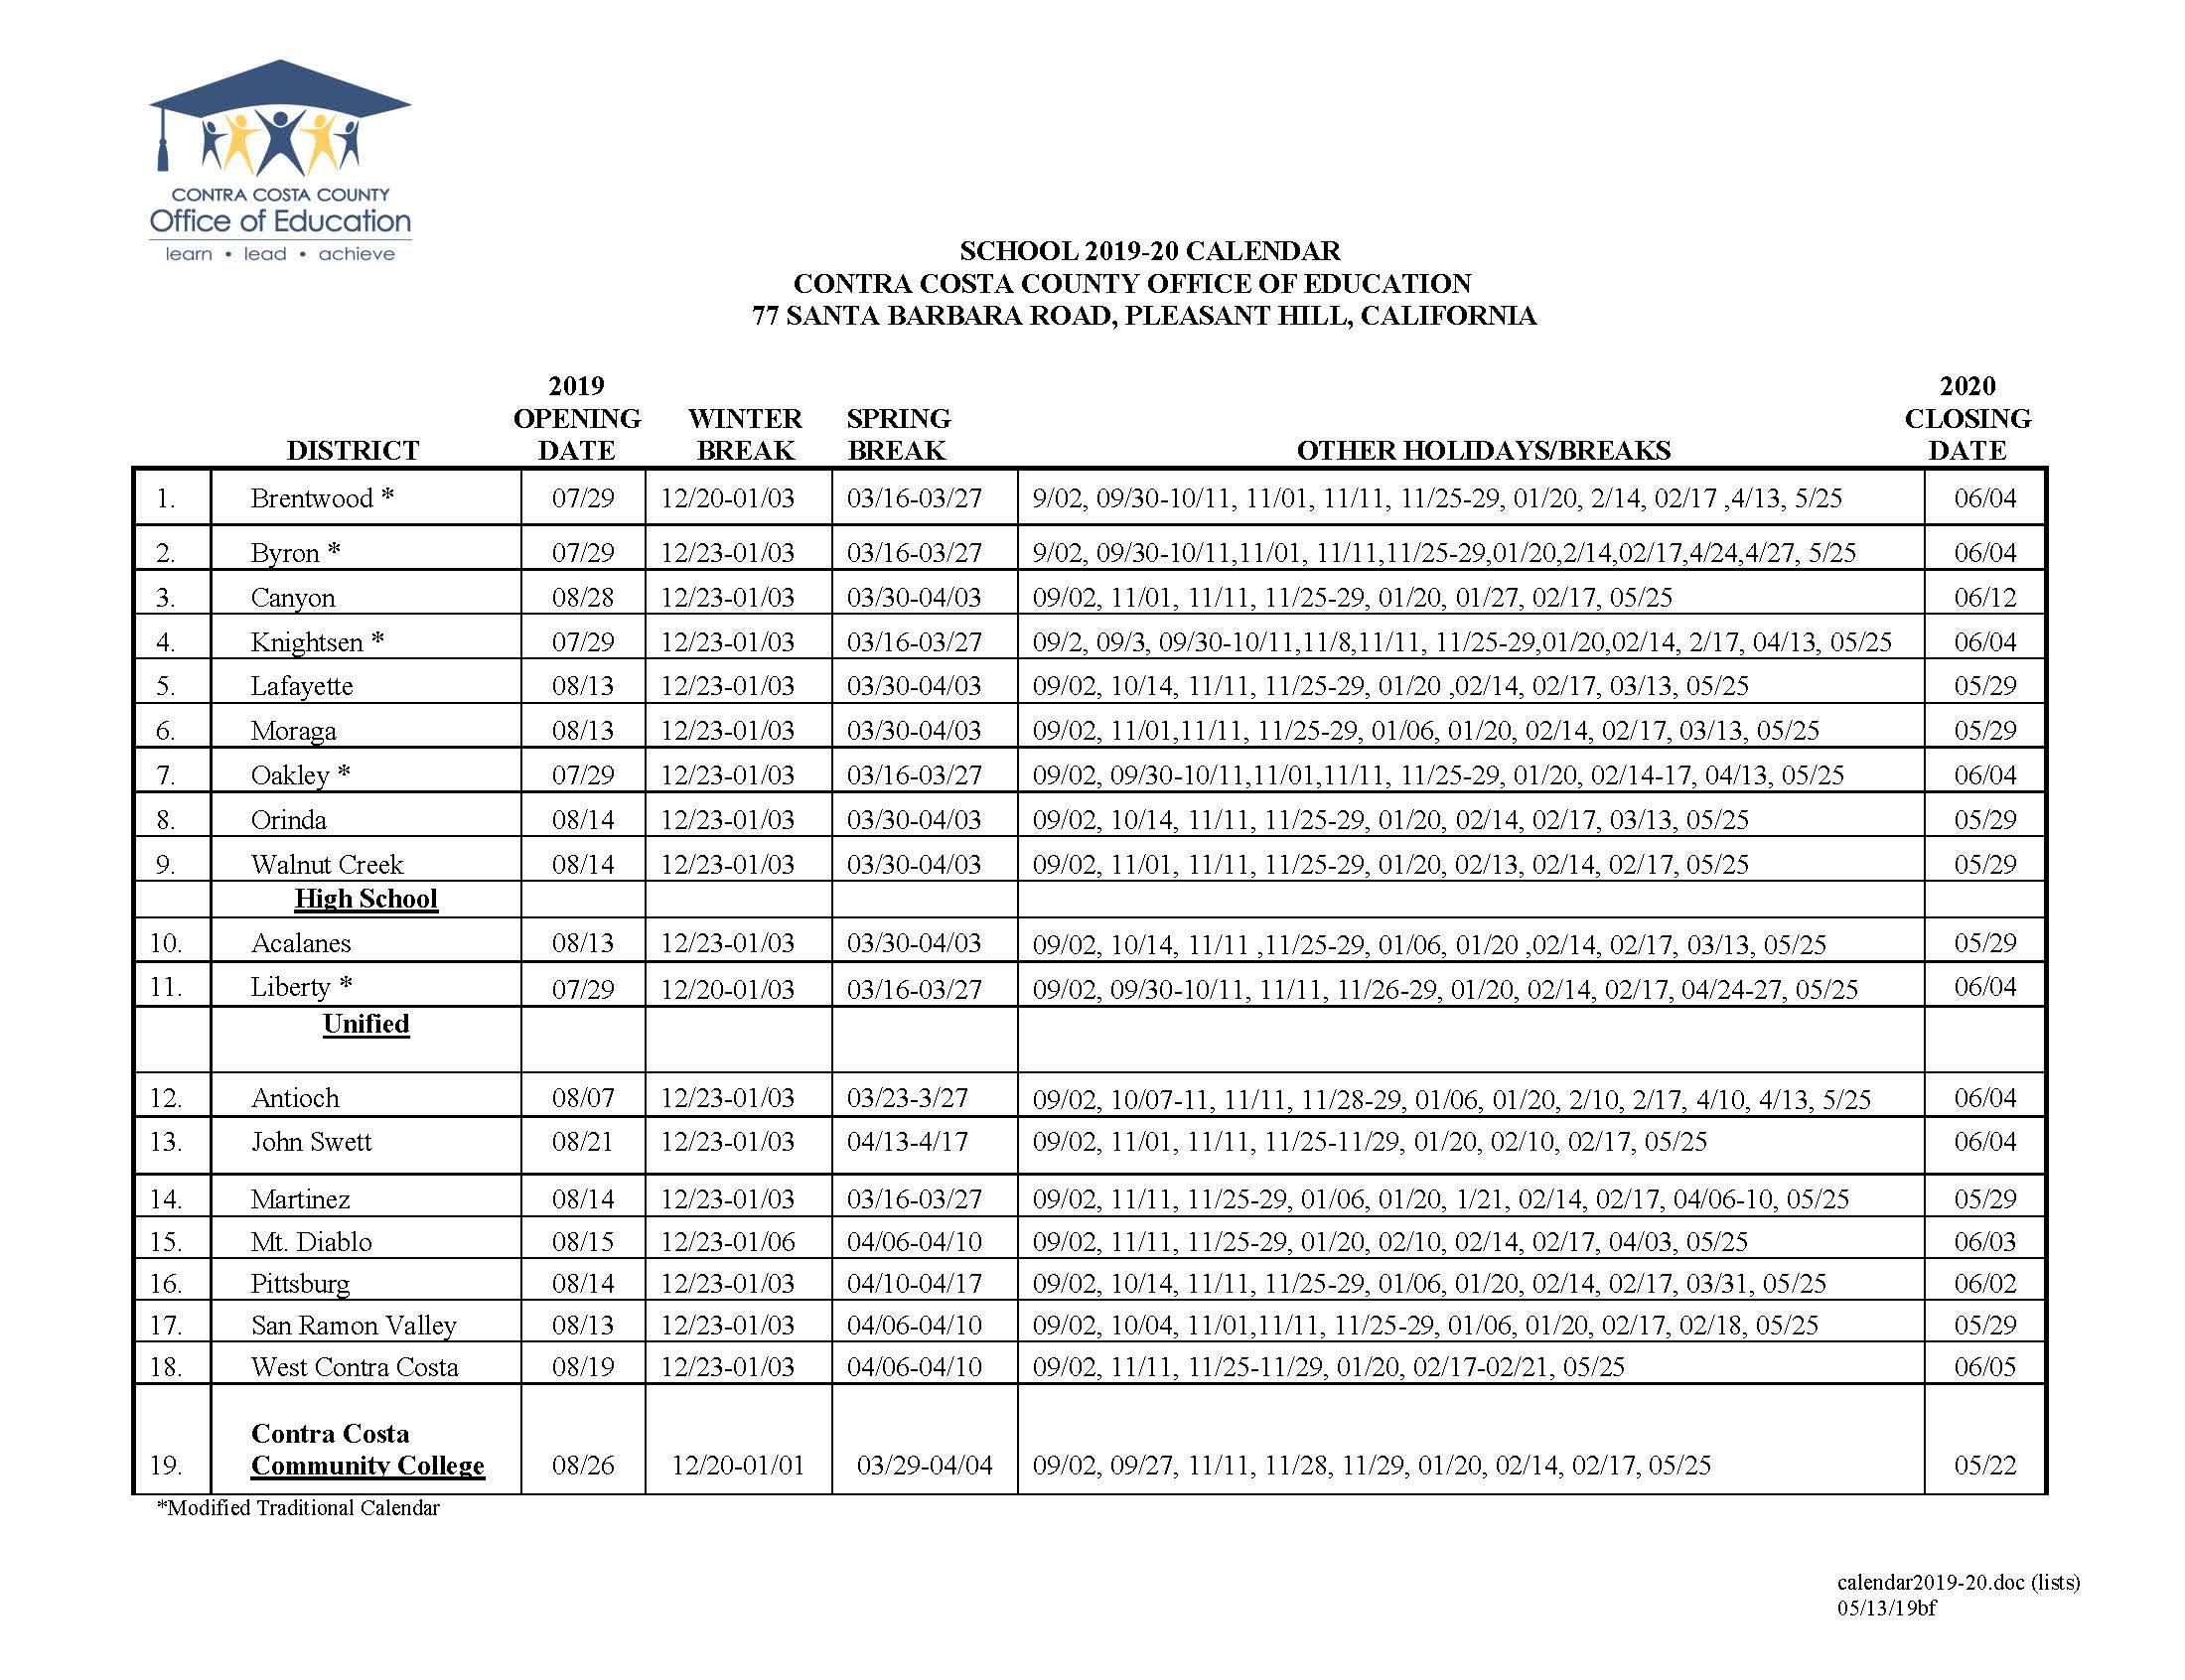 2019 20 Cccoe School Calendar – Contra Costa County Office Intended For Santa Barbara County Courthouse Calendar